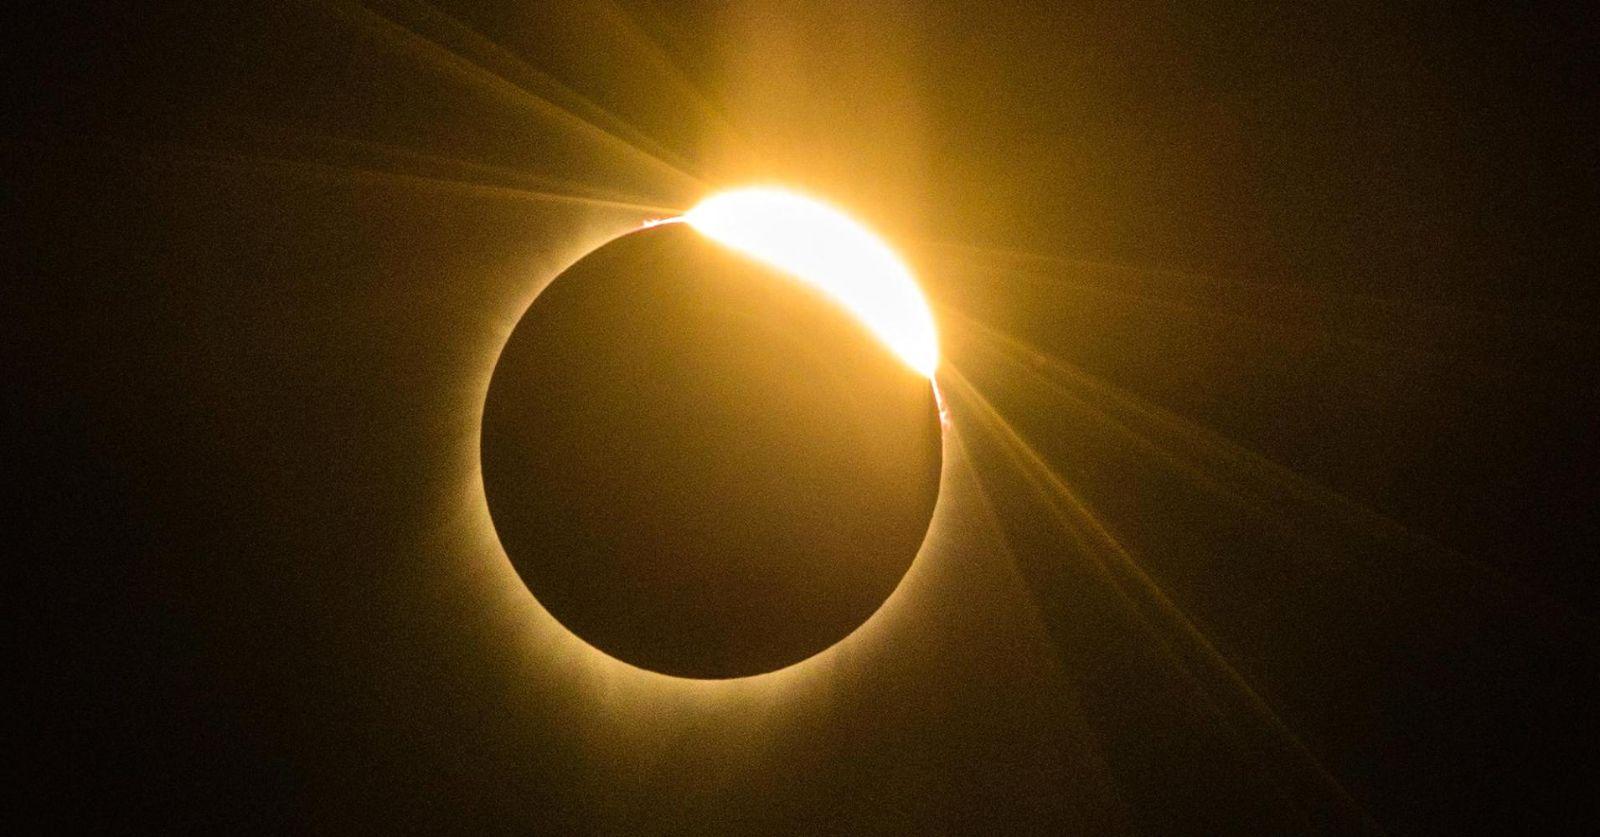 Parçalı Güneş Tutulması ne zaman? (Parçalı Güneş Tutulması Türkiye'den izlenebilecek mi?)